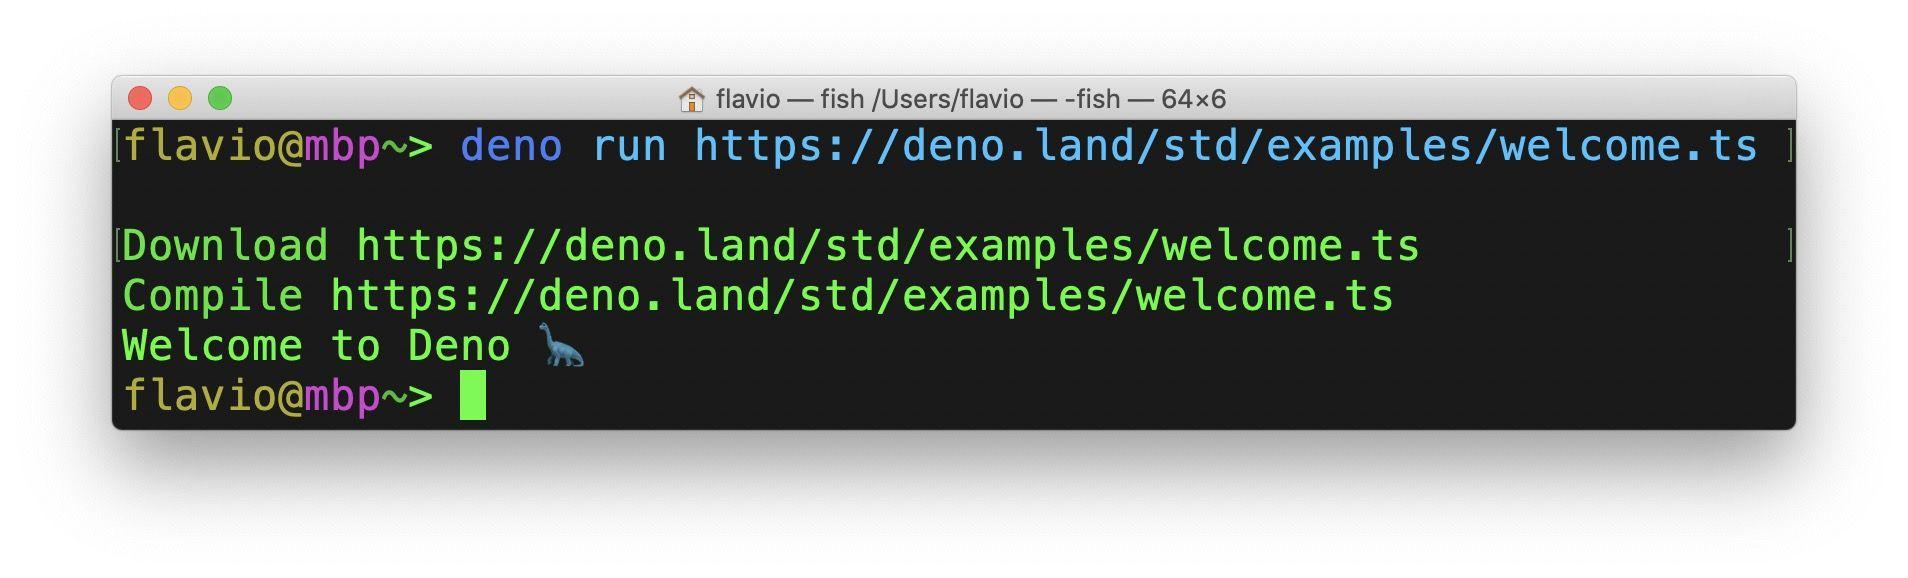 Руководство по Deno: примеры работы со средой выполнения TypeScript - 3